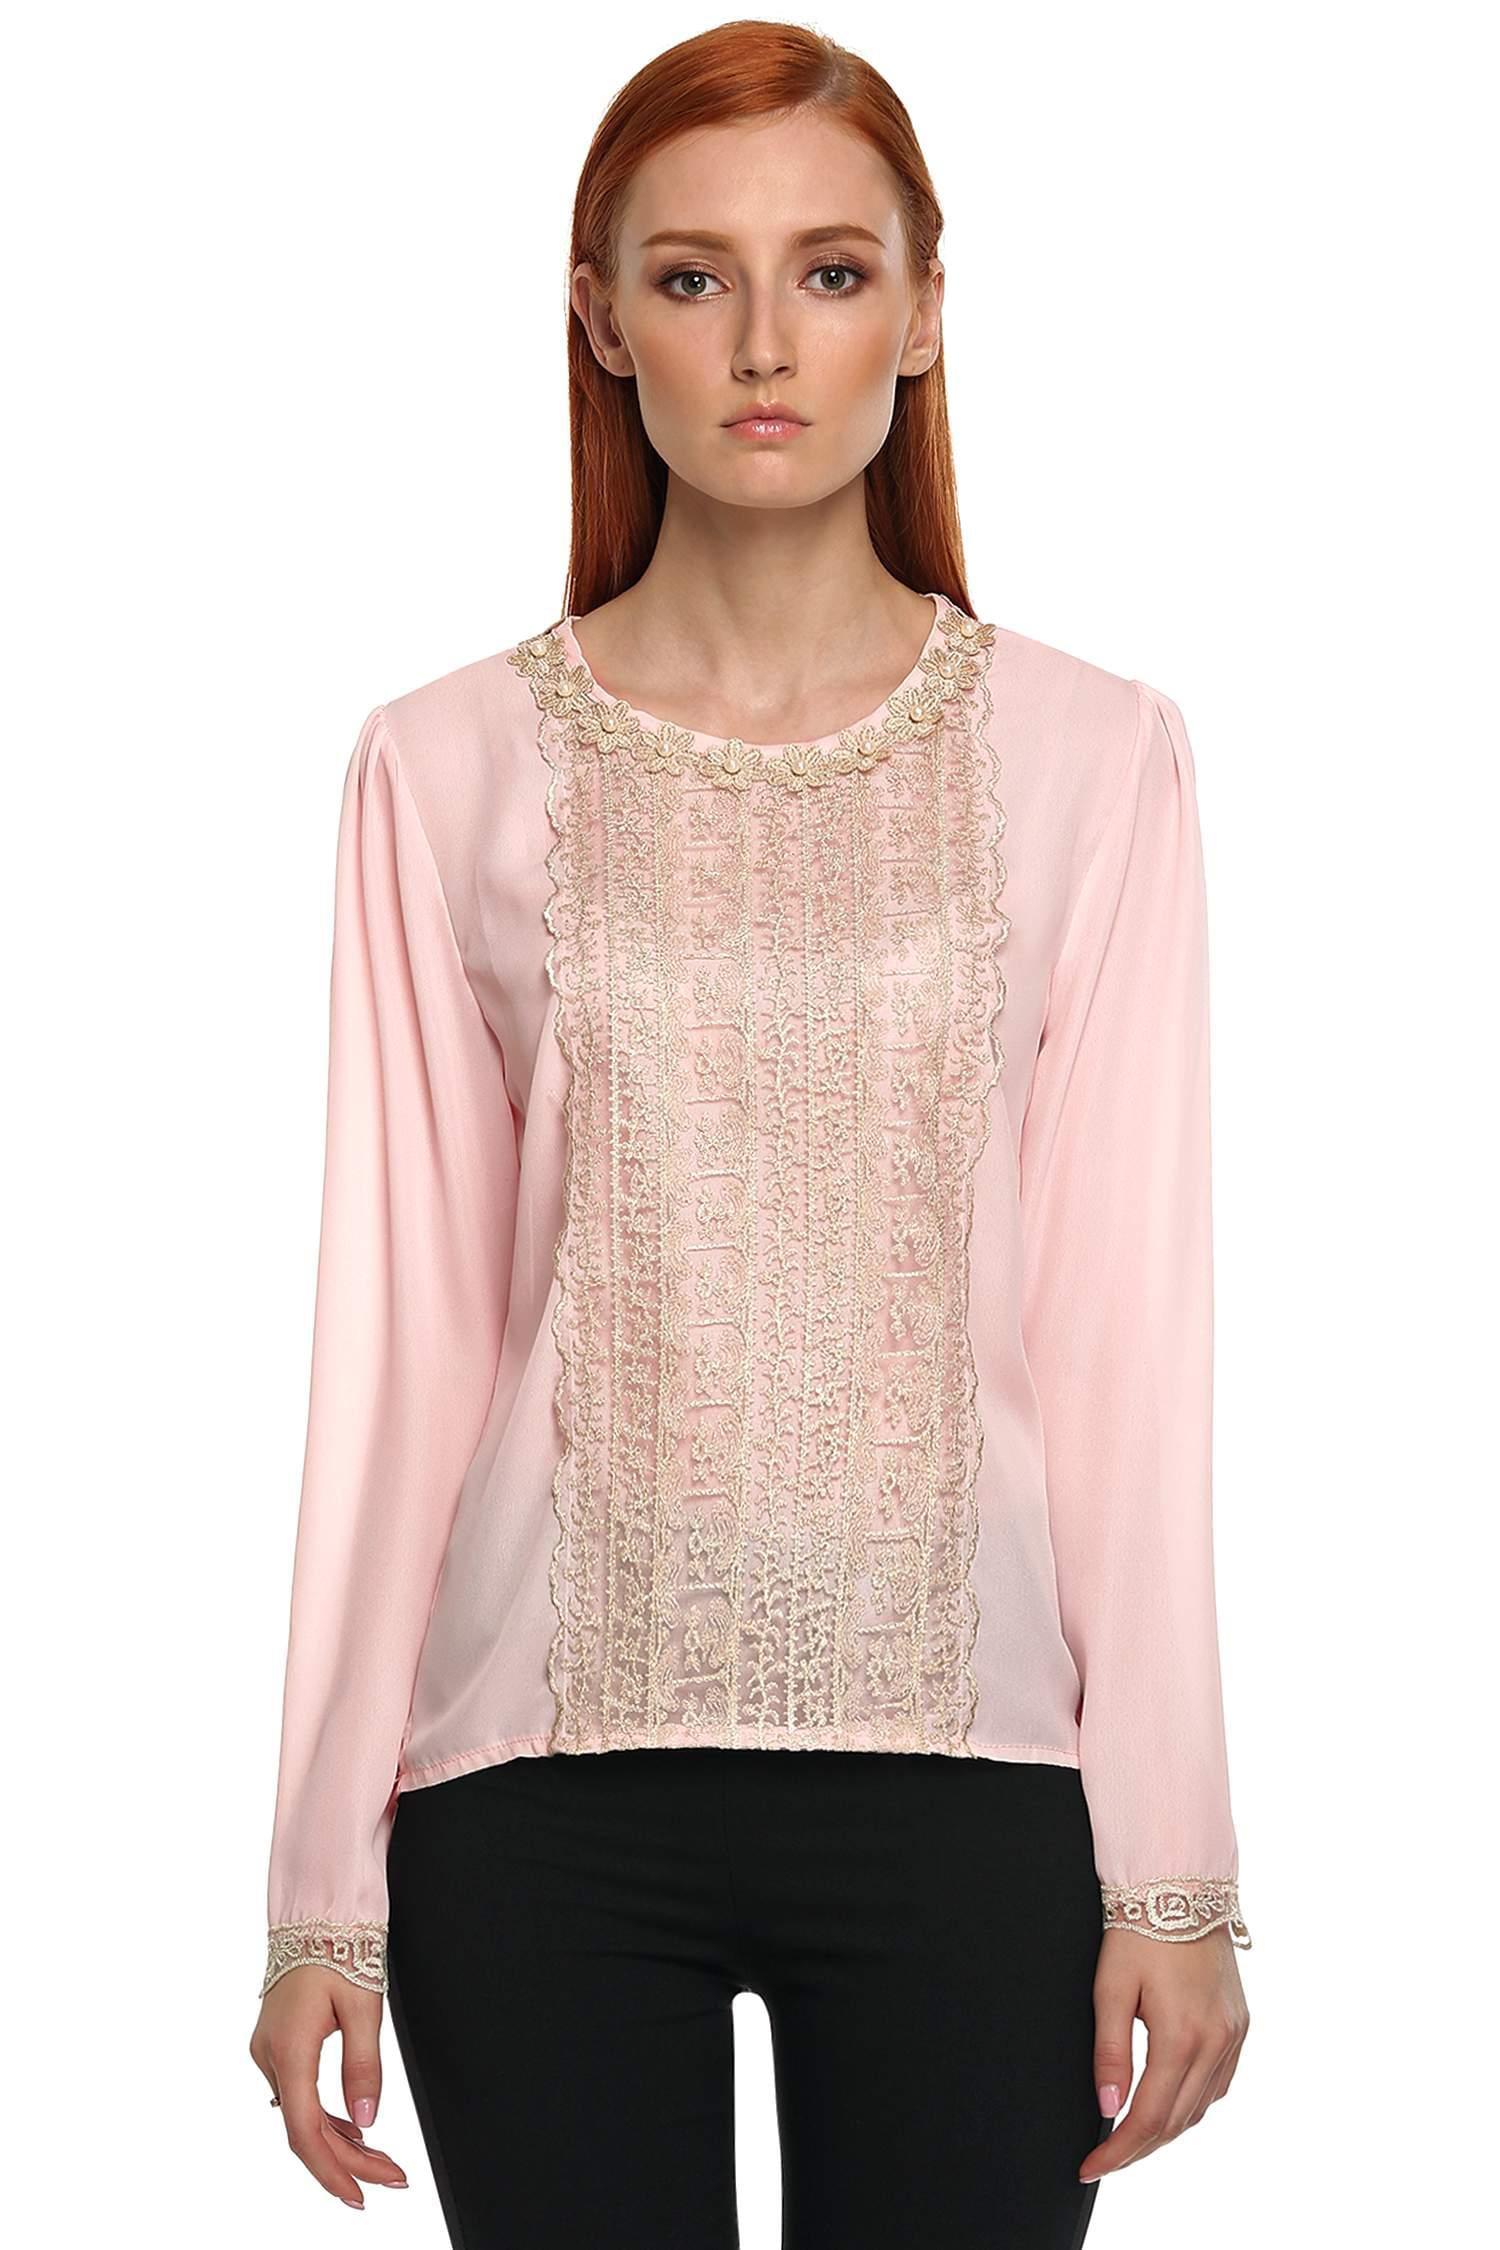 Women Summer Fold Casual Chiffon Long Sleeve Shirt Tops Blouse